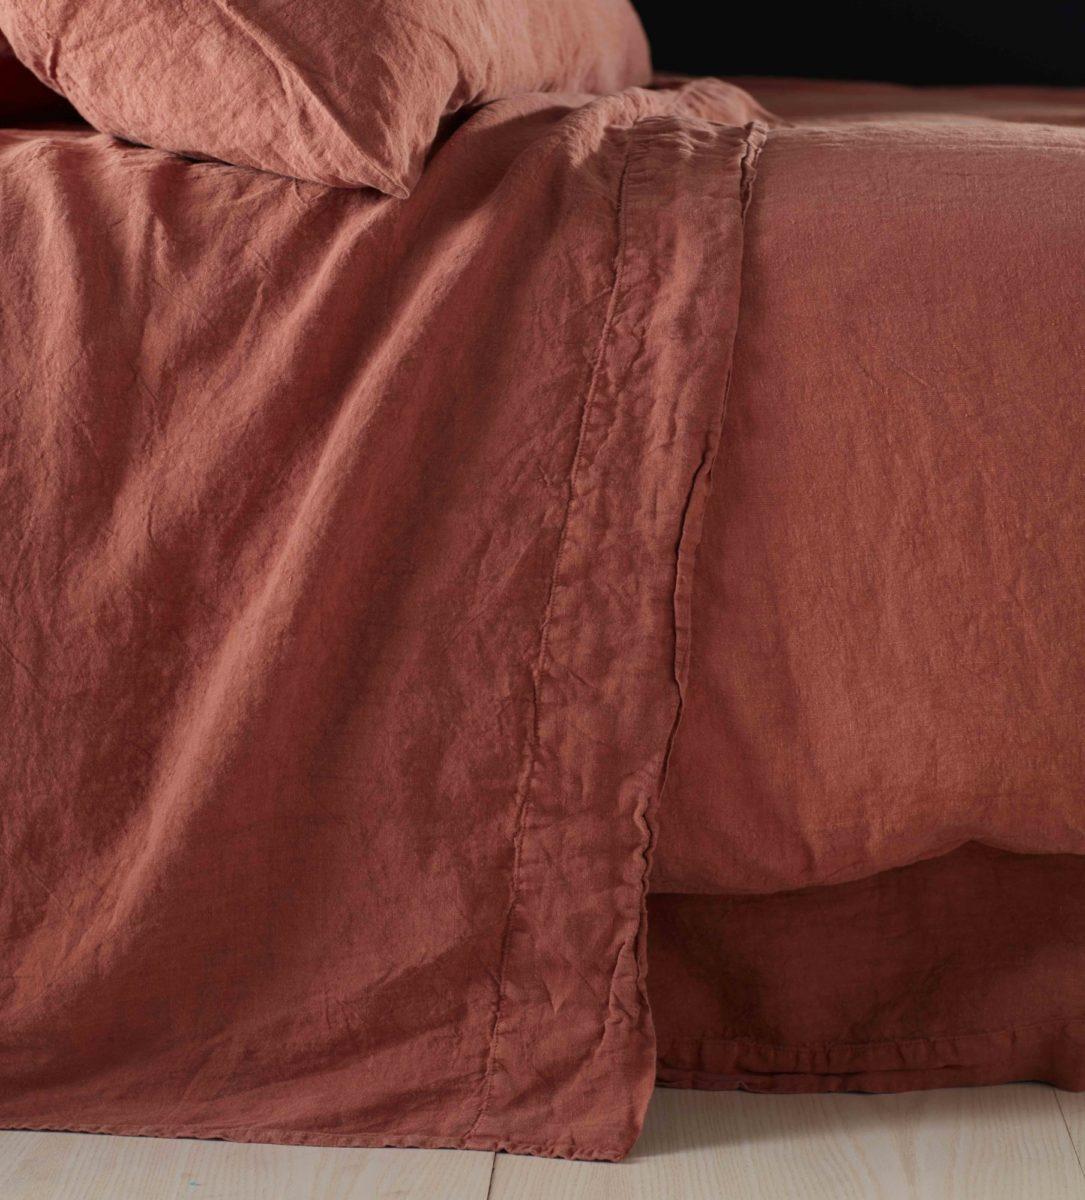 Spice 100 Linen Flat Sheet Natural Bedding Secret Linen Store